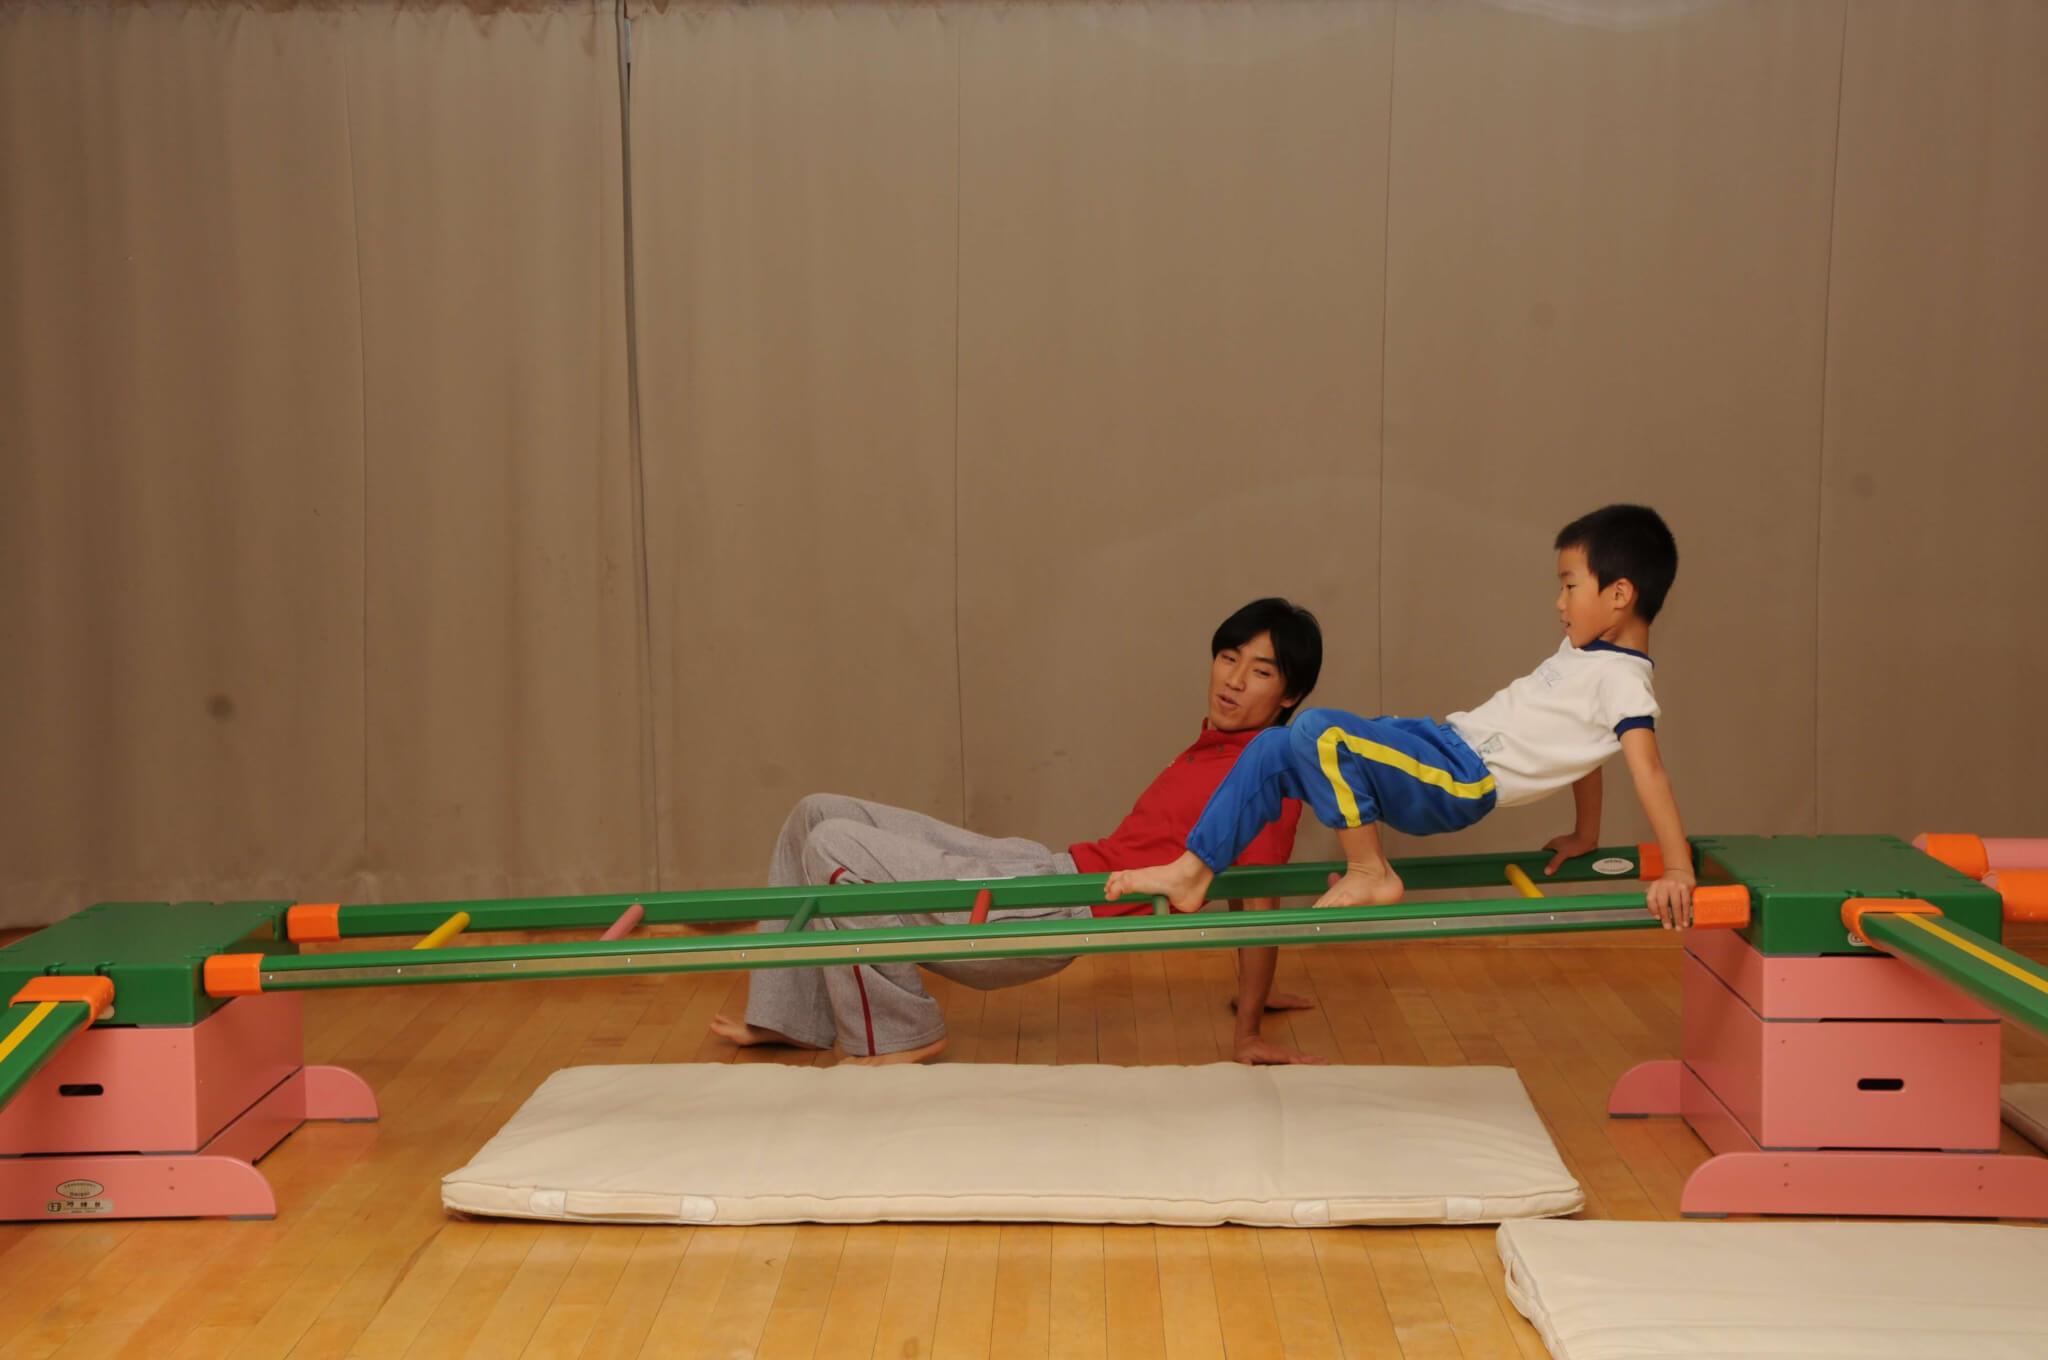 子どもがくもになりきってはしごを渡る運動遊び